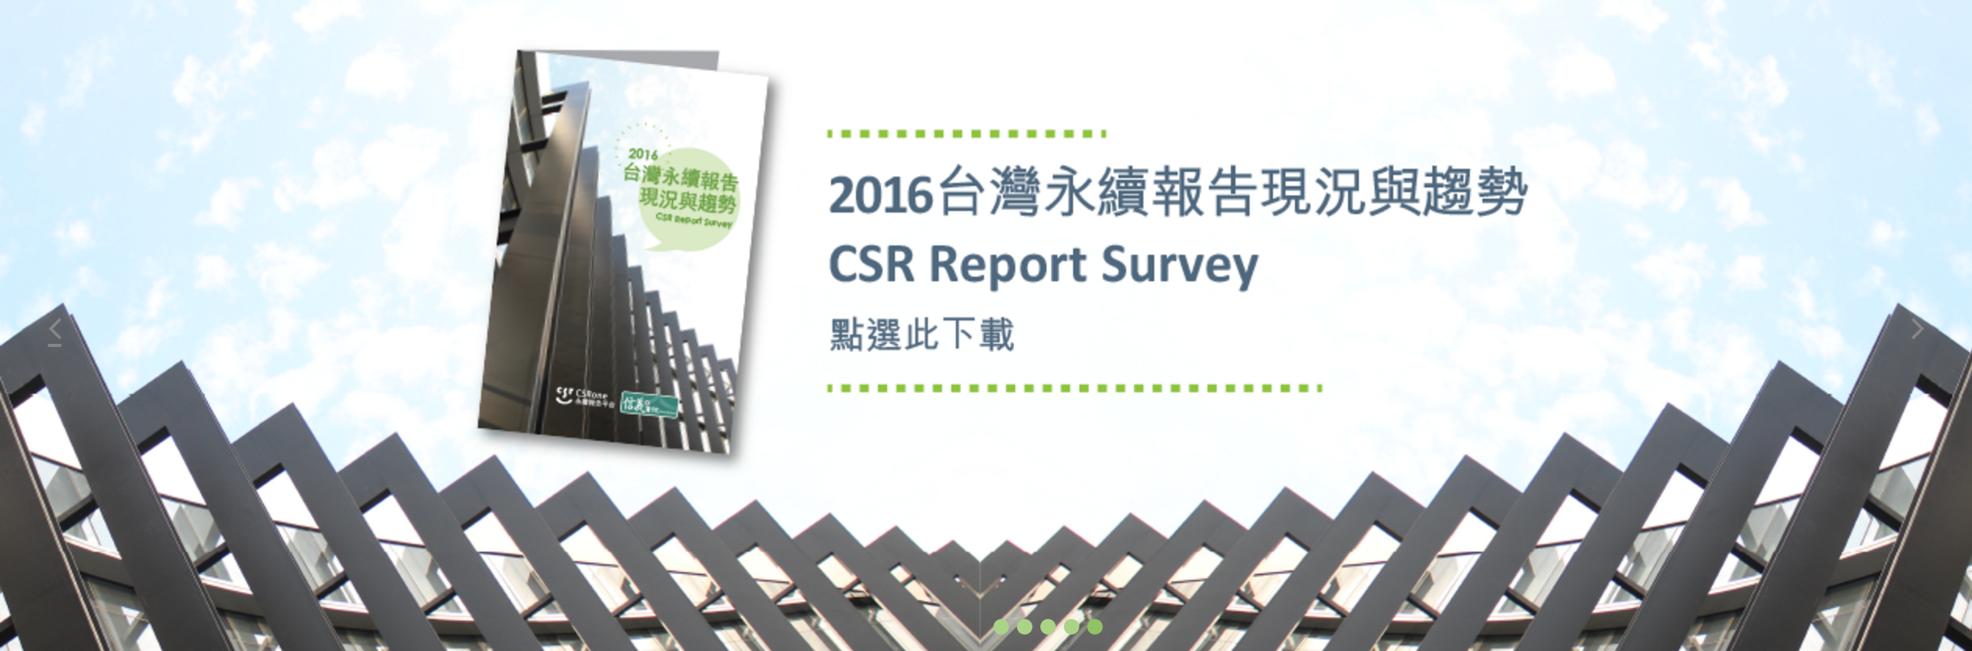 2016台灣永續報告現況與趨勢-CSR Report Survey-CSRone